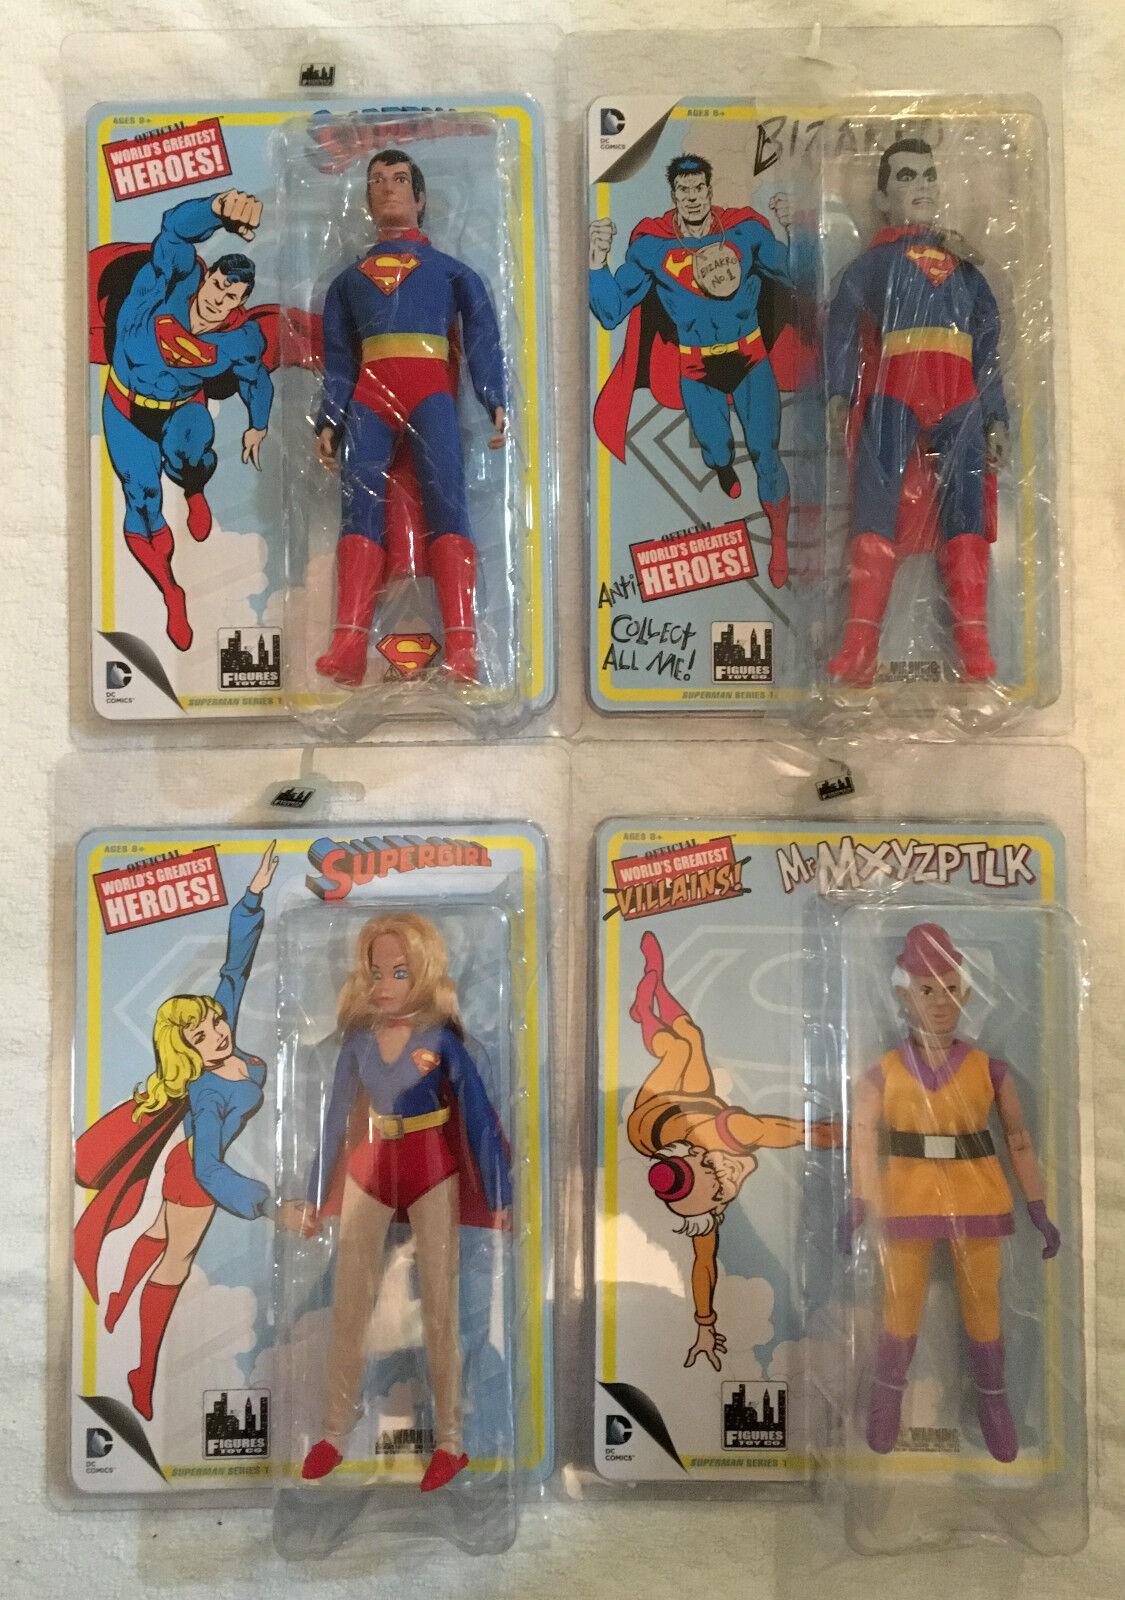 Reihe 1 weltweit größten helden zahlen spielzeugfirma satz 4 superman supergirl